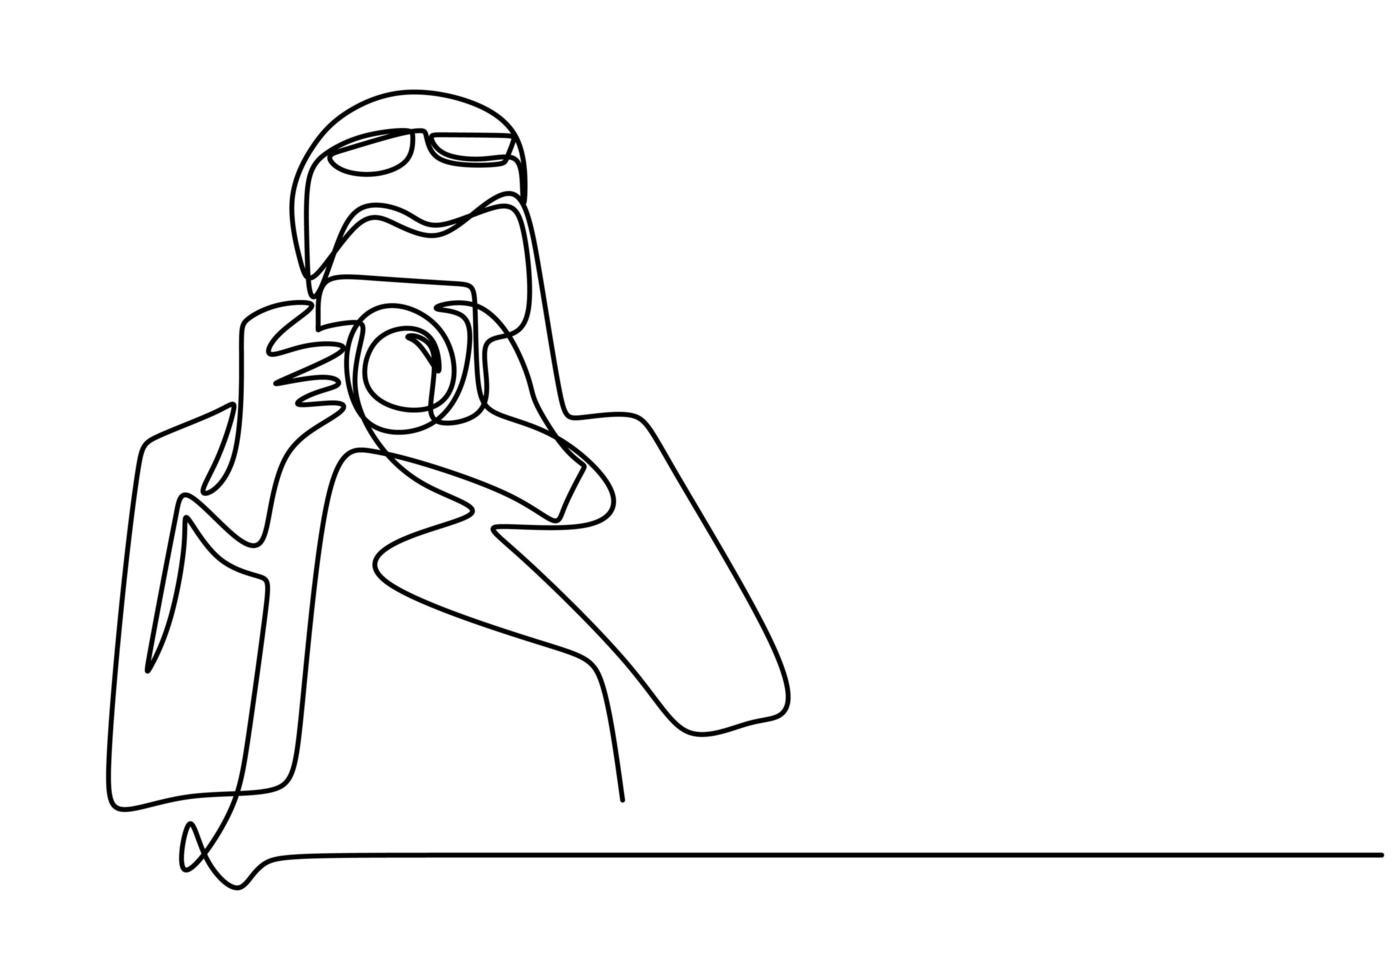 fotograaf doorlopende één regel illustratie. man nemen foto. man fotograferen met fotocamera. continu een lijntekening, vectorillustratie. vector